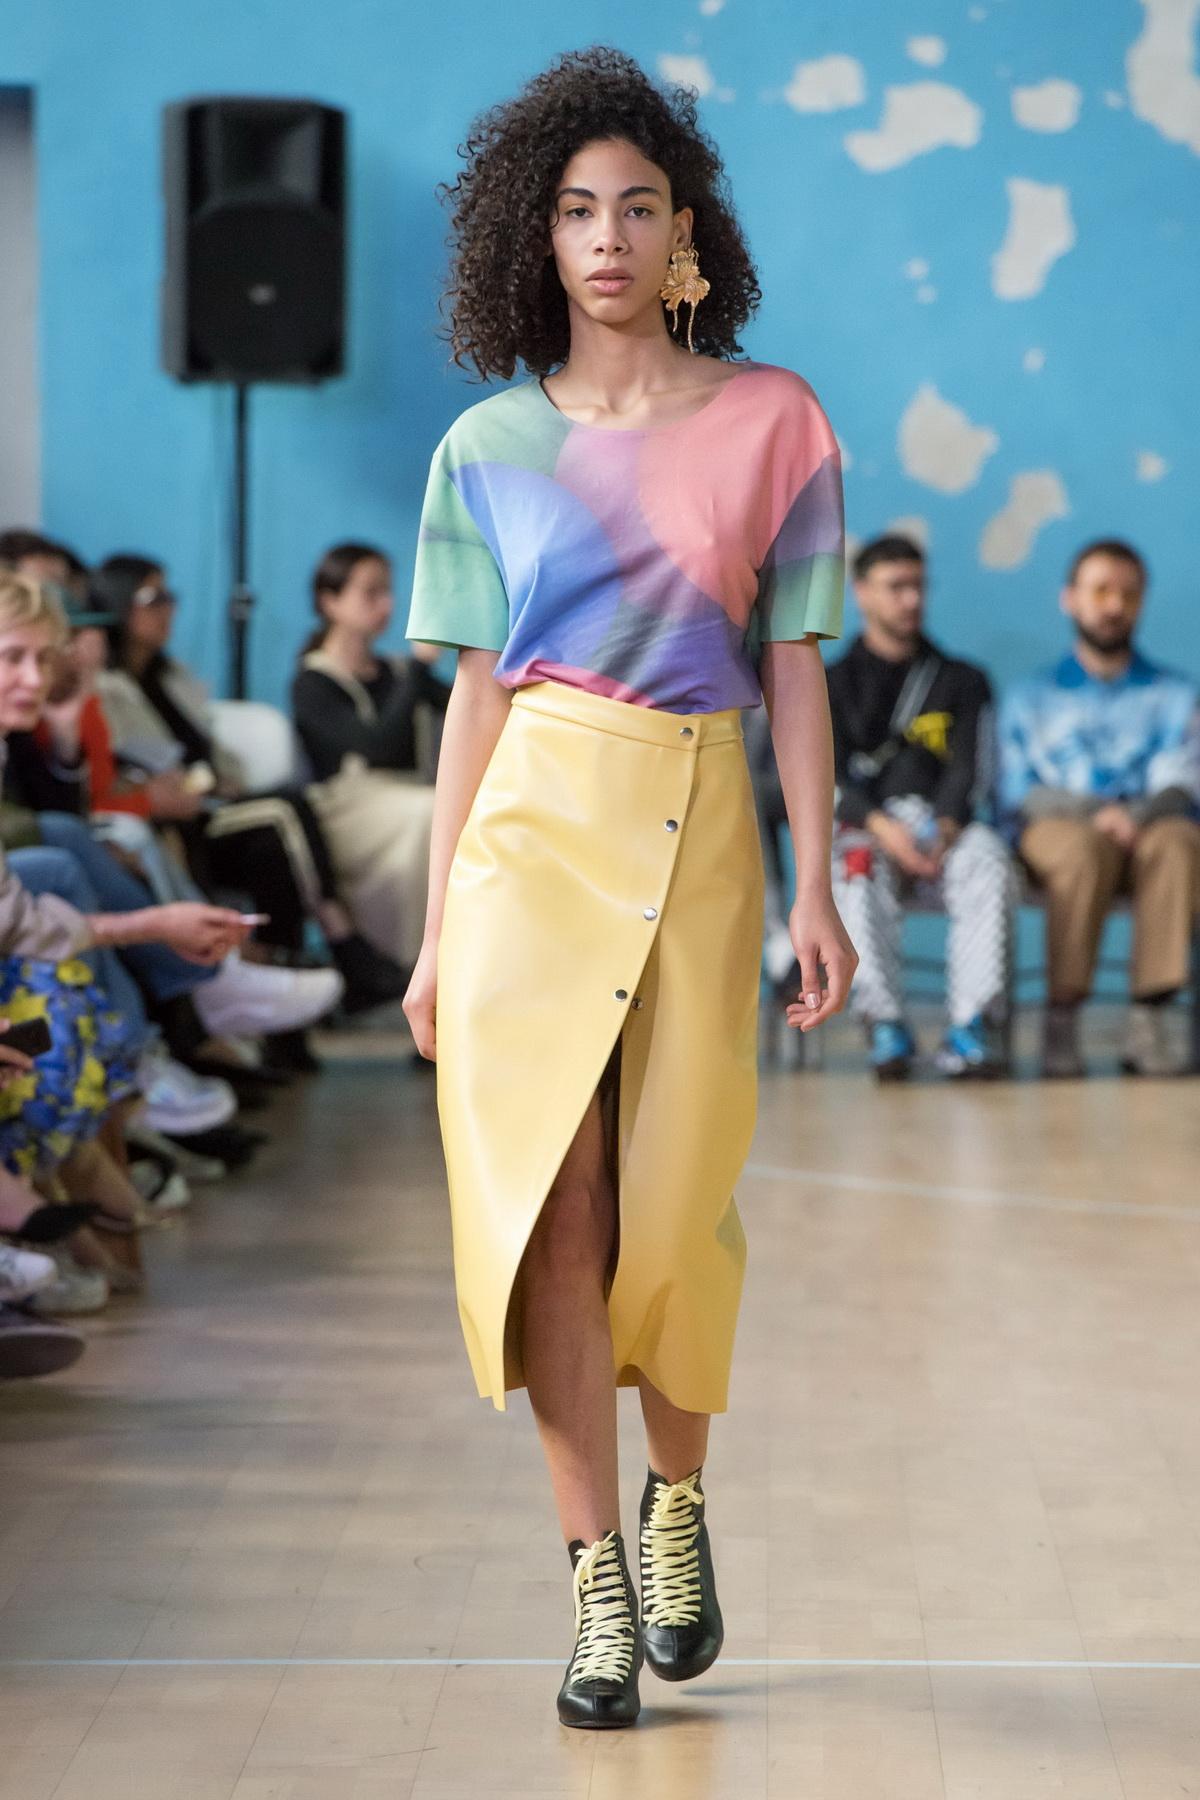 Модели юбок 2020 , надевай скорее! Ч2 лучшее,мода,модные советы,Наряды